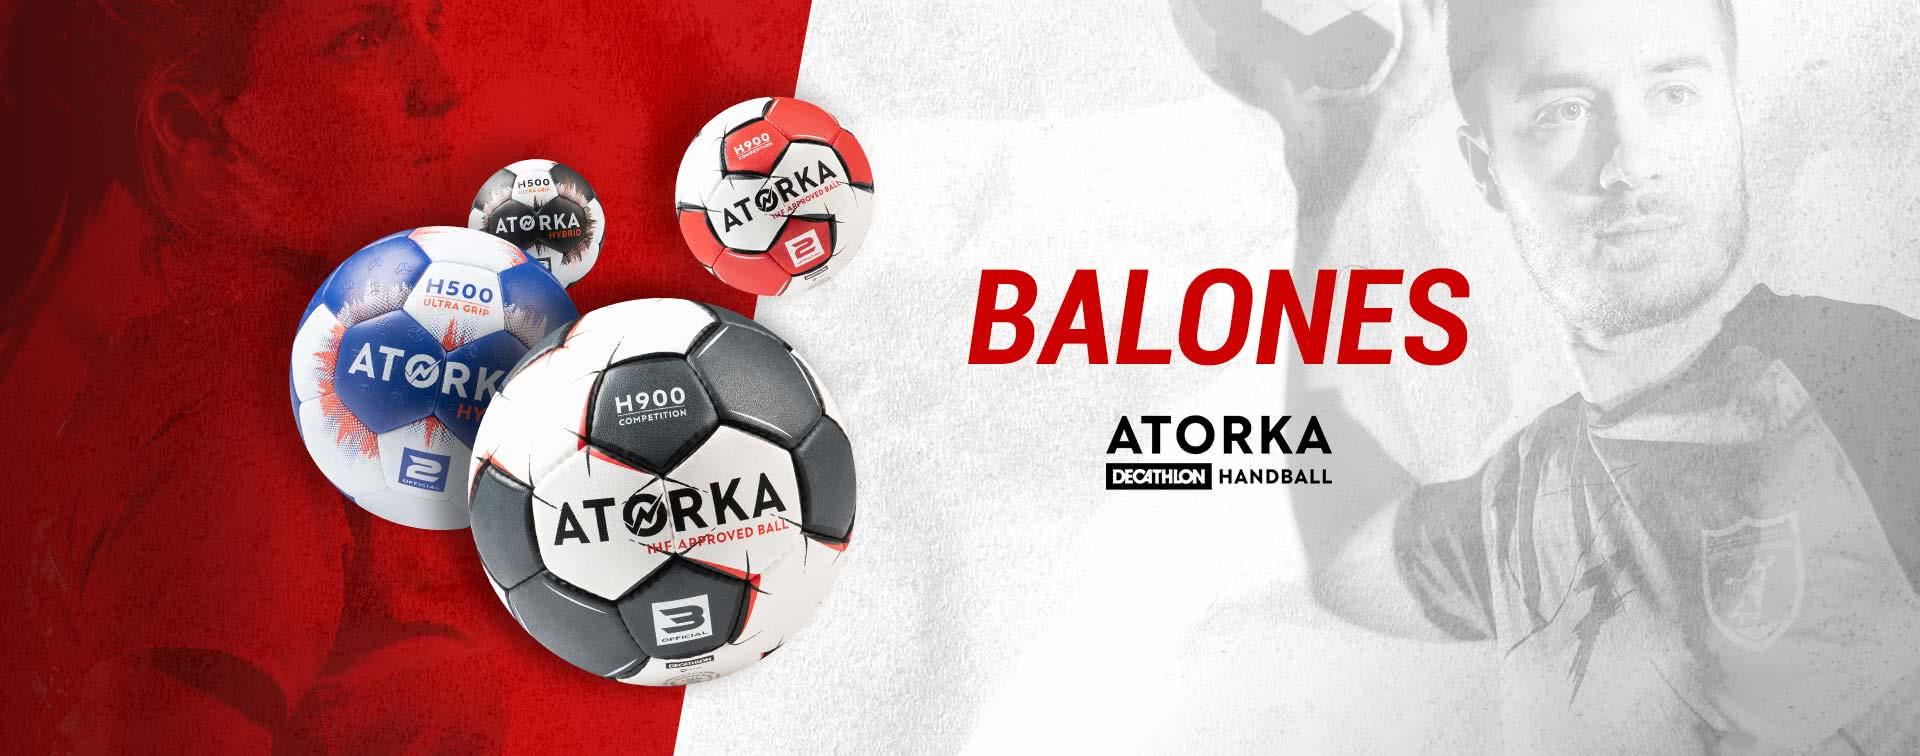 Balones Atorka